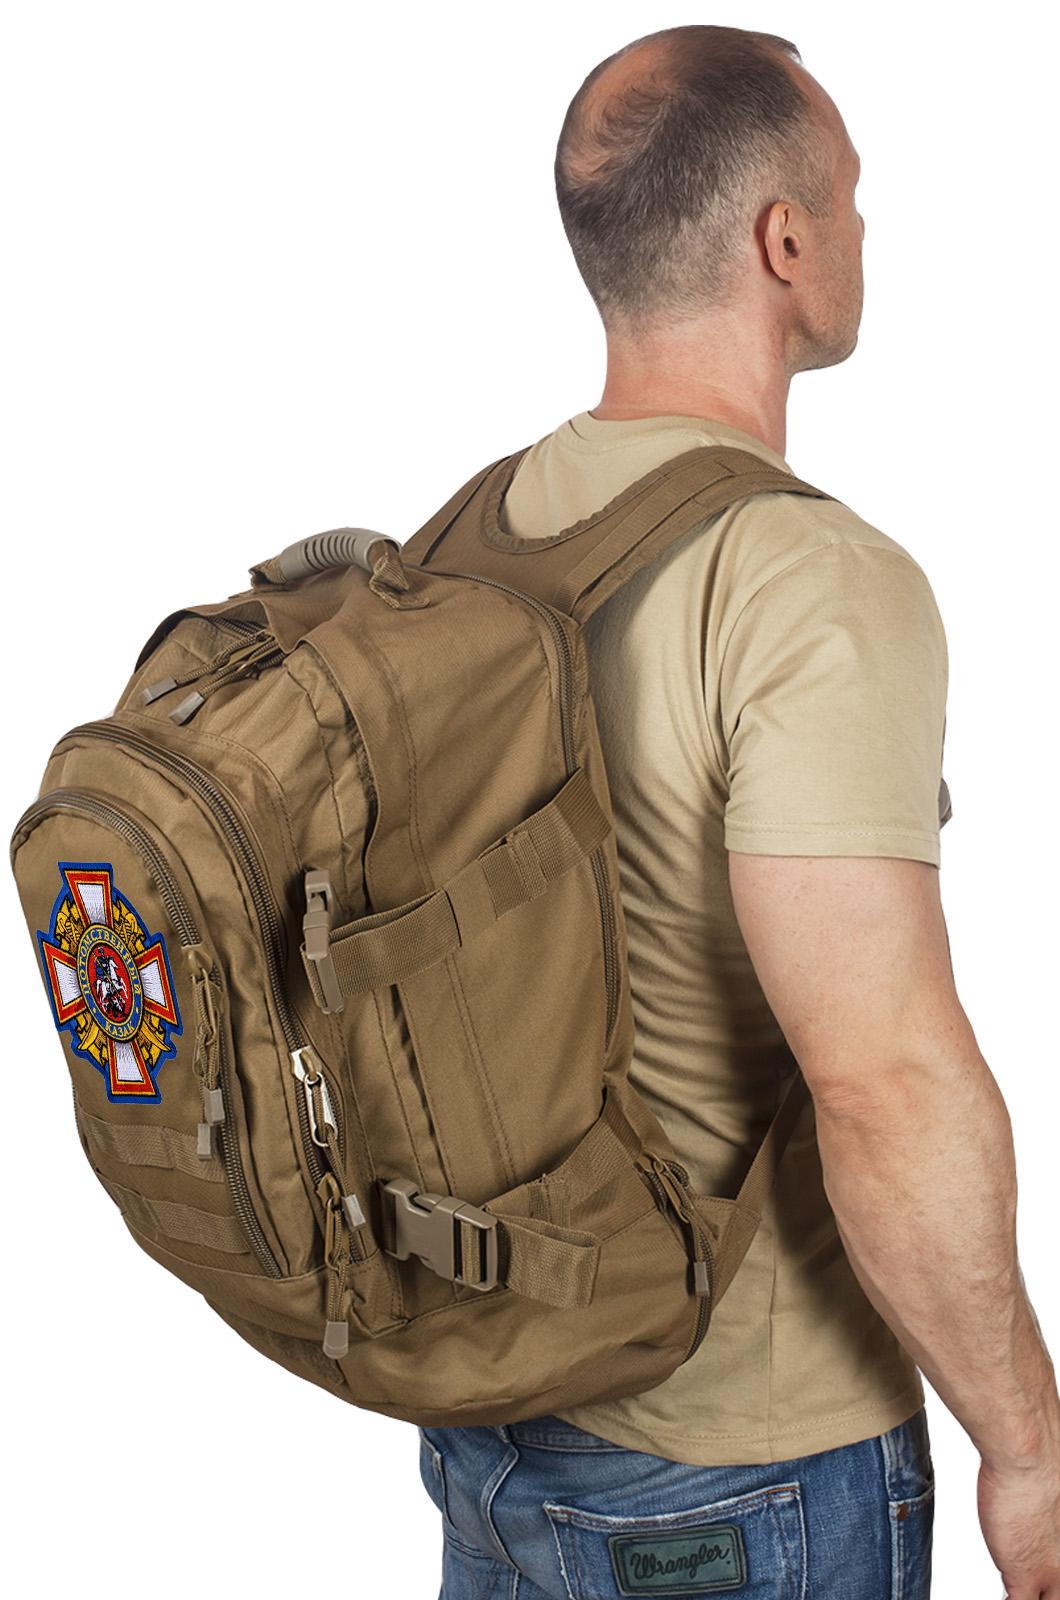 Трехдневный эргономичный рюкзак с нашивкой Потомственный Казак - купить в Военпро